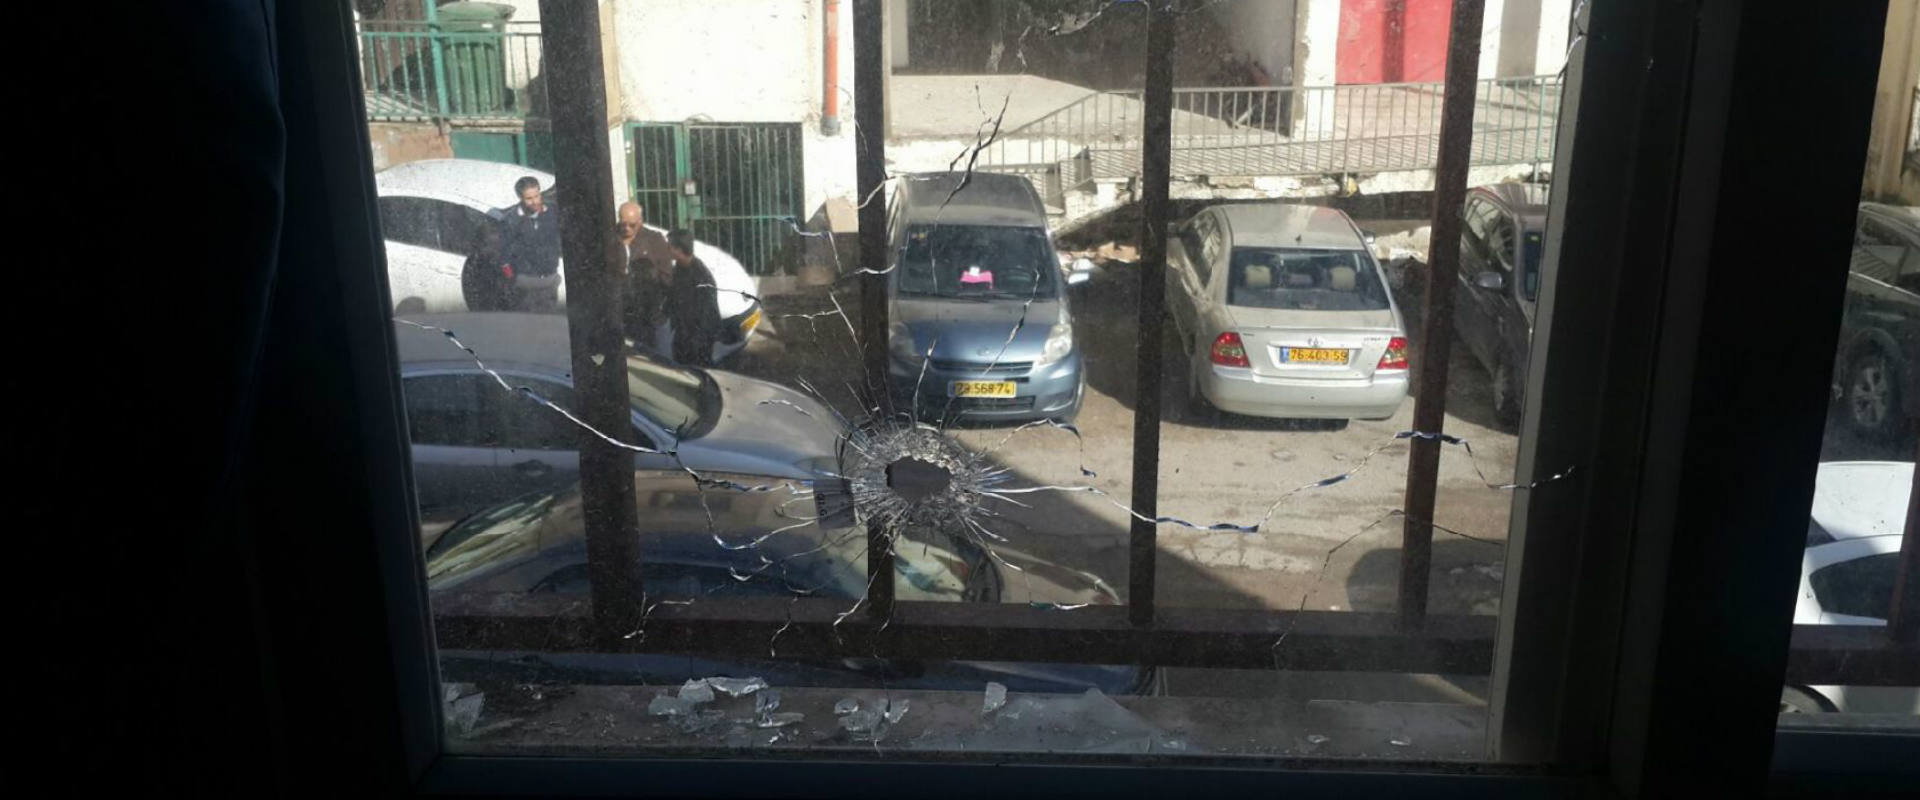 ירי לעבר המשרד של פתחיה אגבריה, מנהלת השירותים הסו